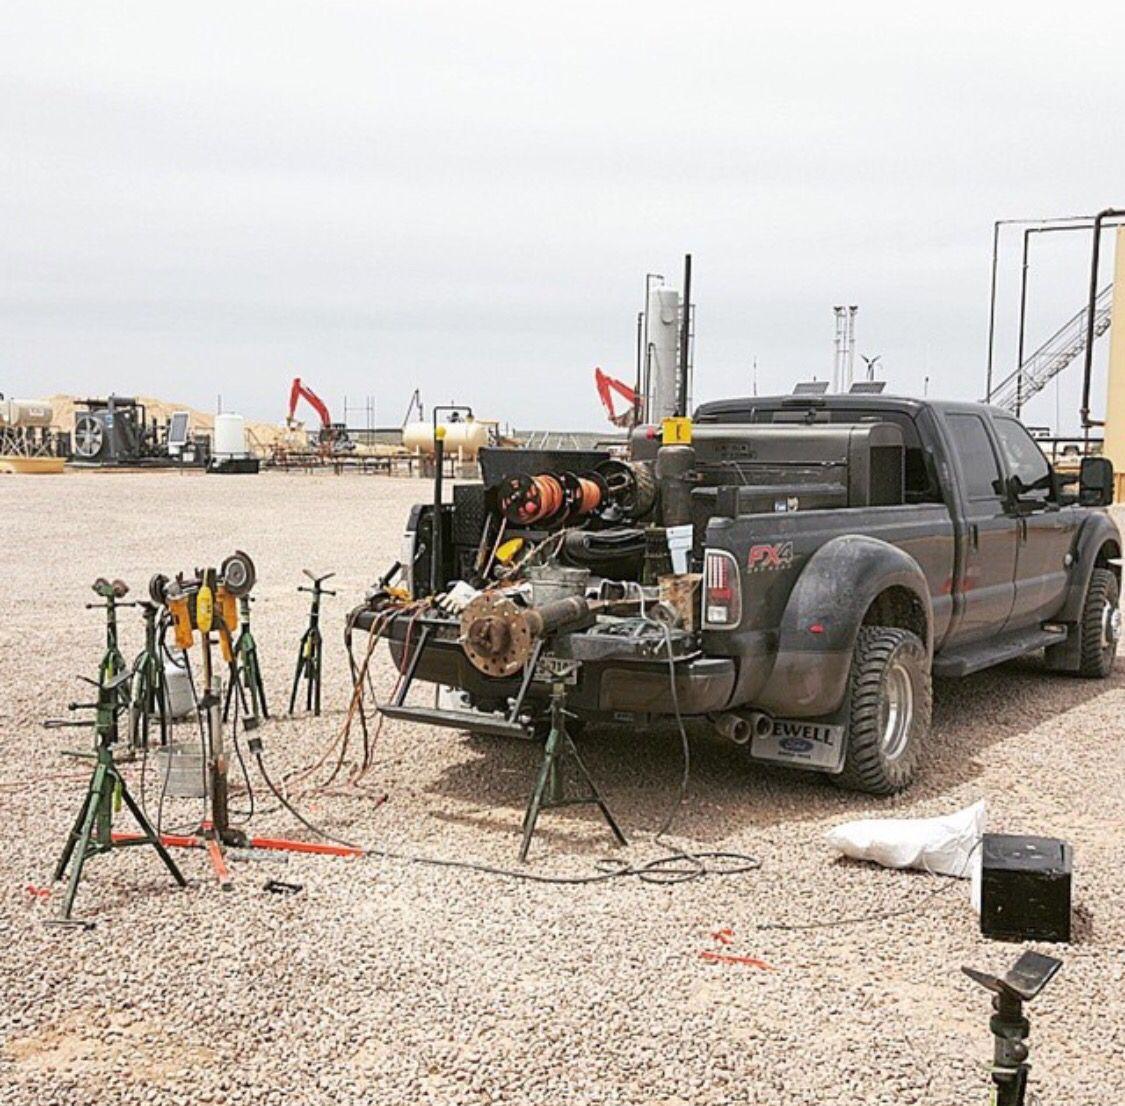 Navajo rig welder Rig welder, Welding trucks, Pipeline